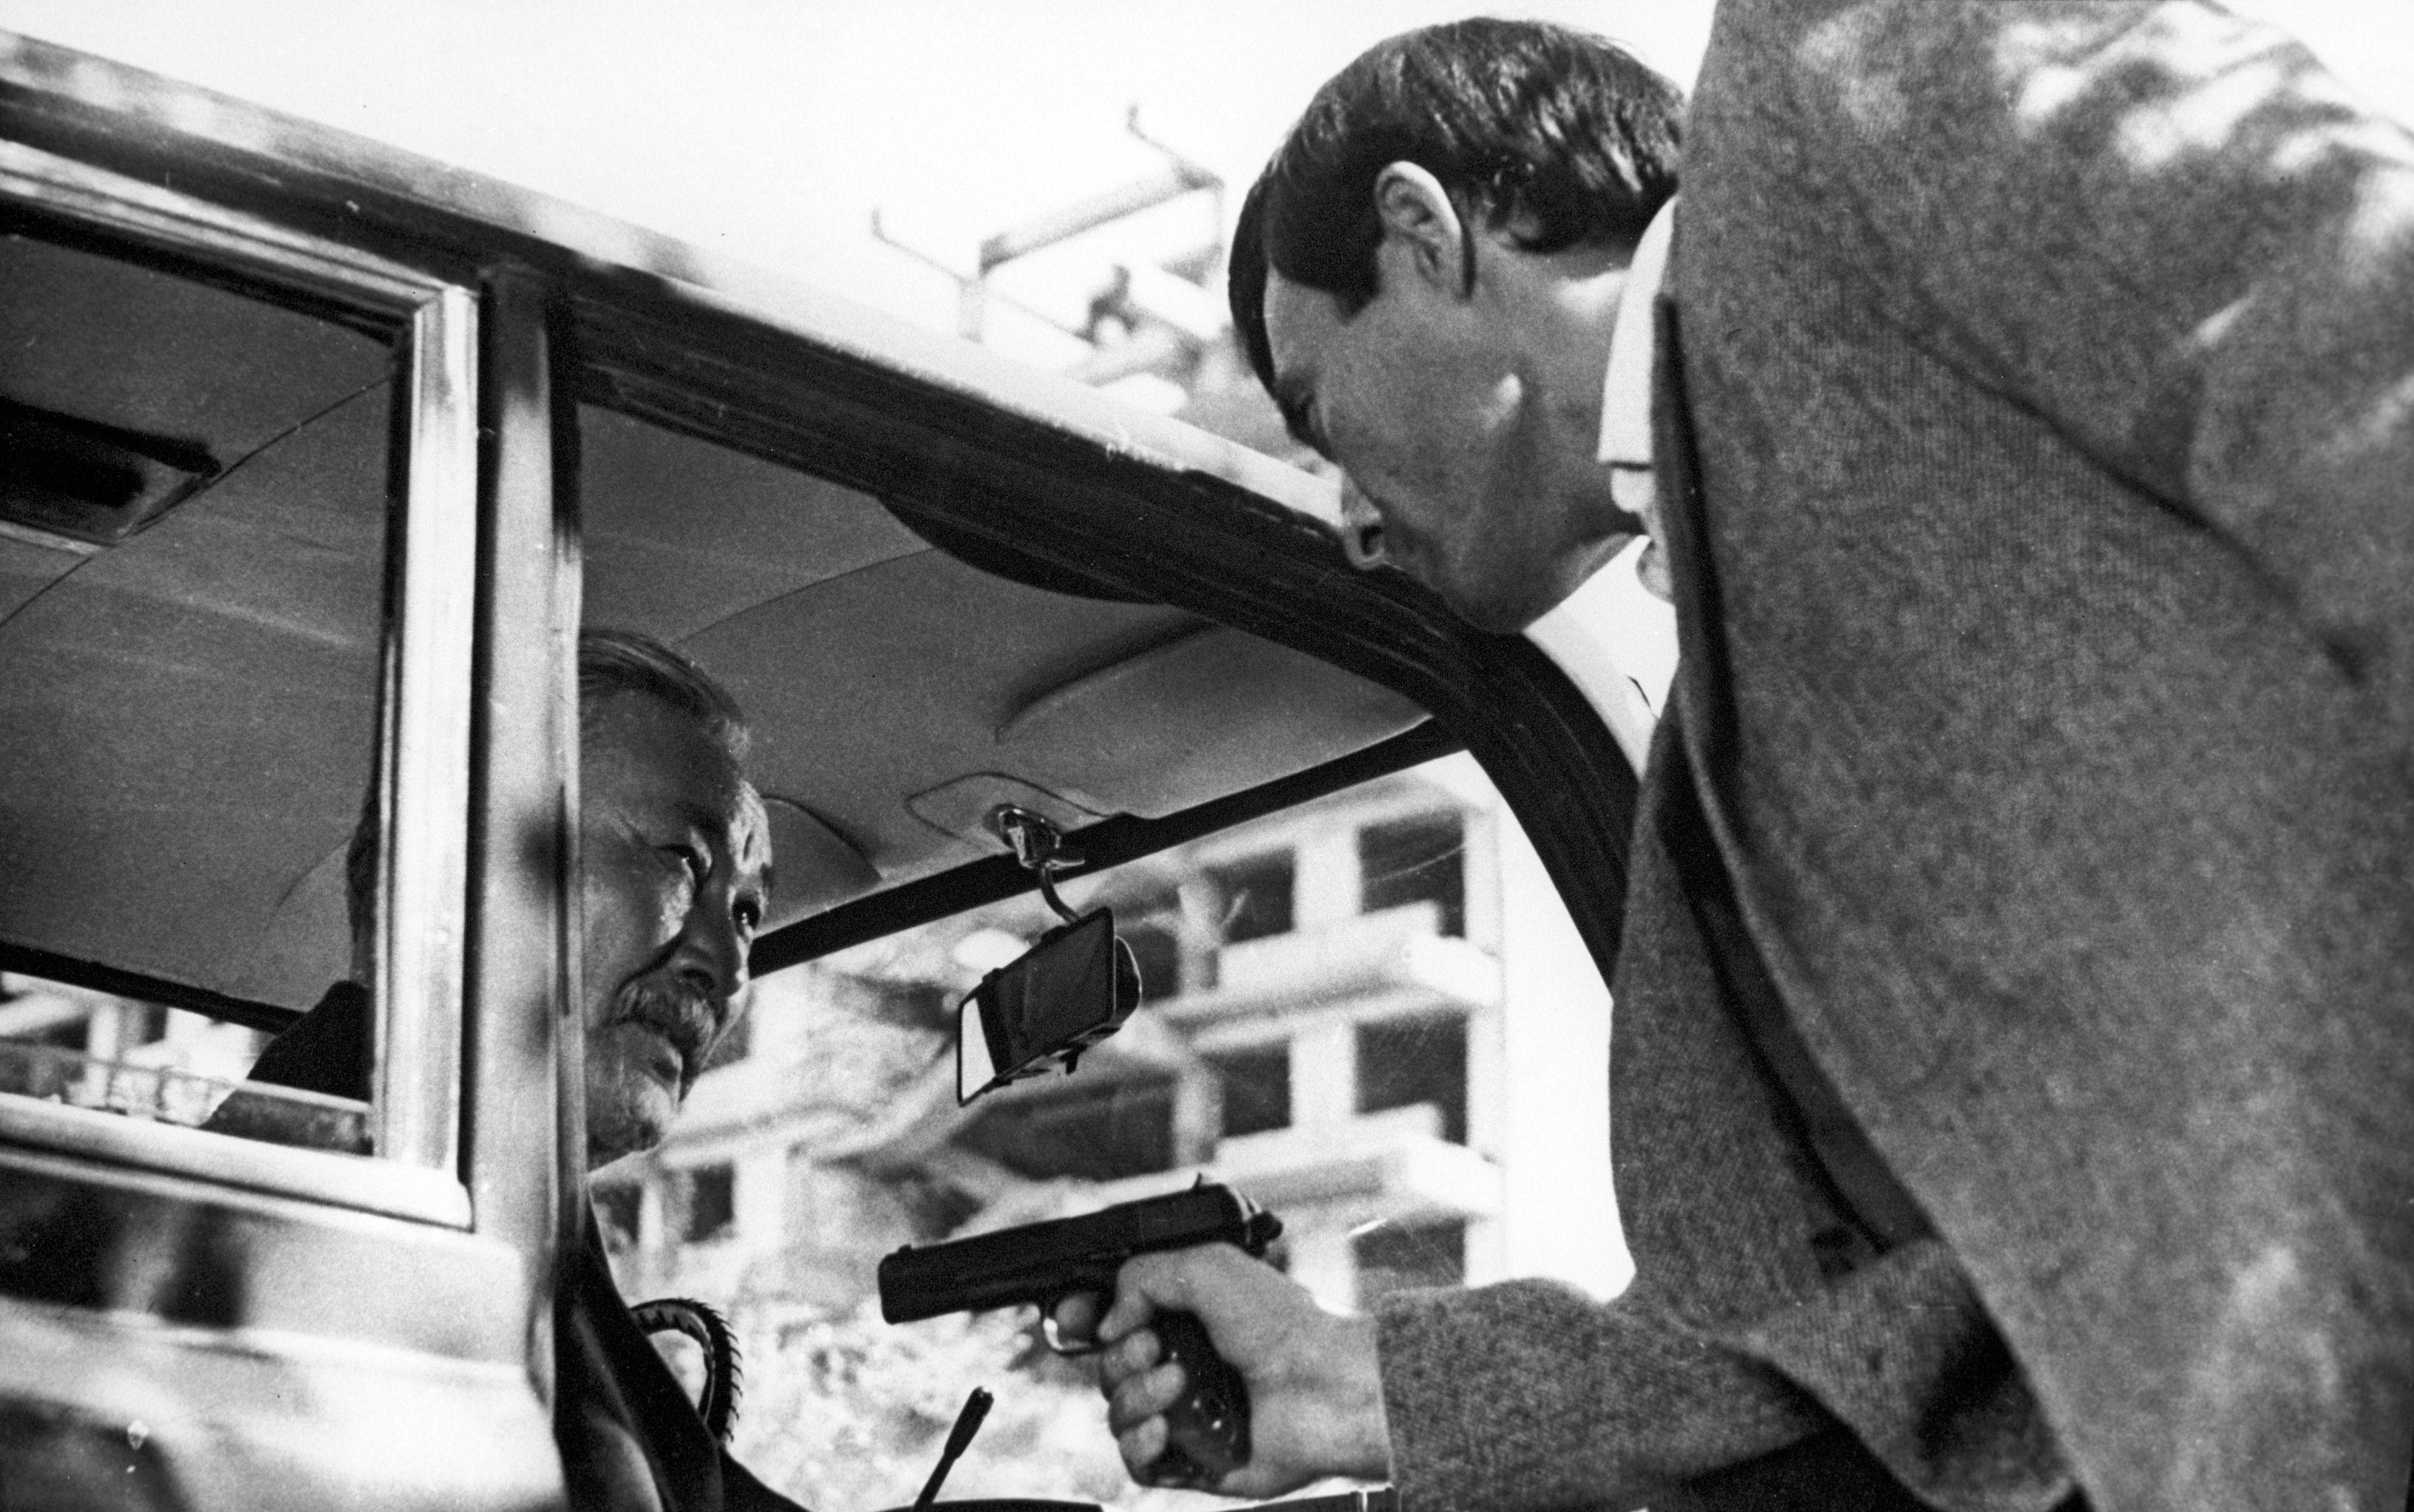 Кадр из фильма Волчья яма. Режиссер Болотбек Шамшиев. Актер Талгат Нигматулин в роли Самата (справа) и актер Кененбай Кожабеков в роли Мусы Шарипова. Киностудия Киргизфильм, 1983 год.